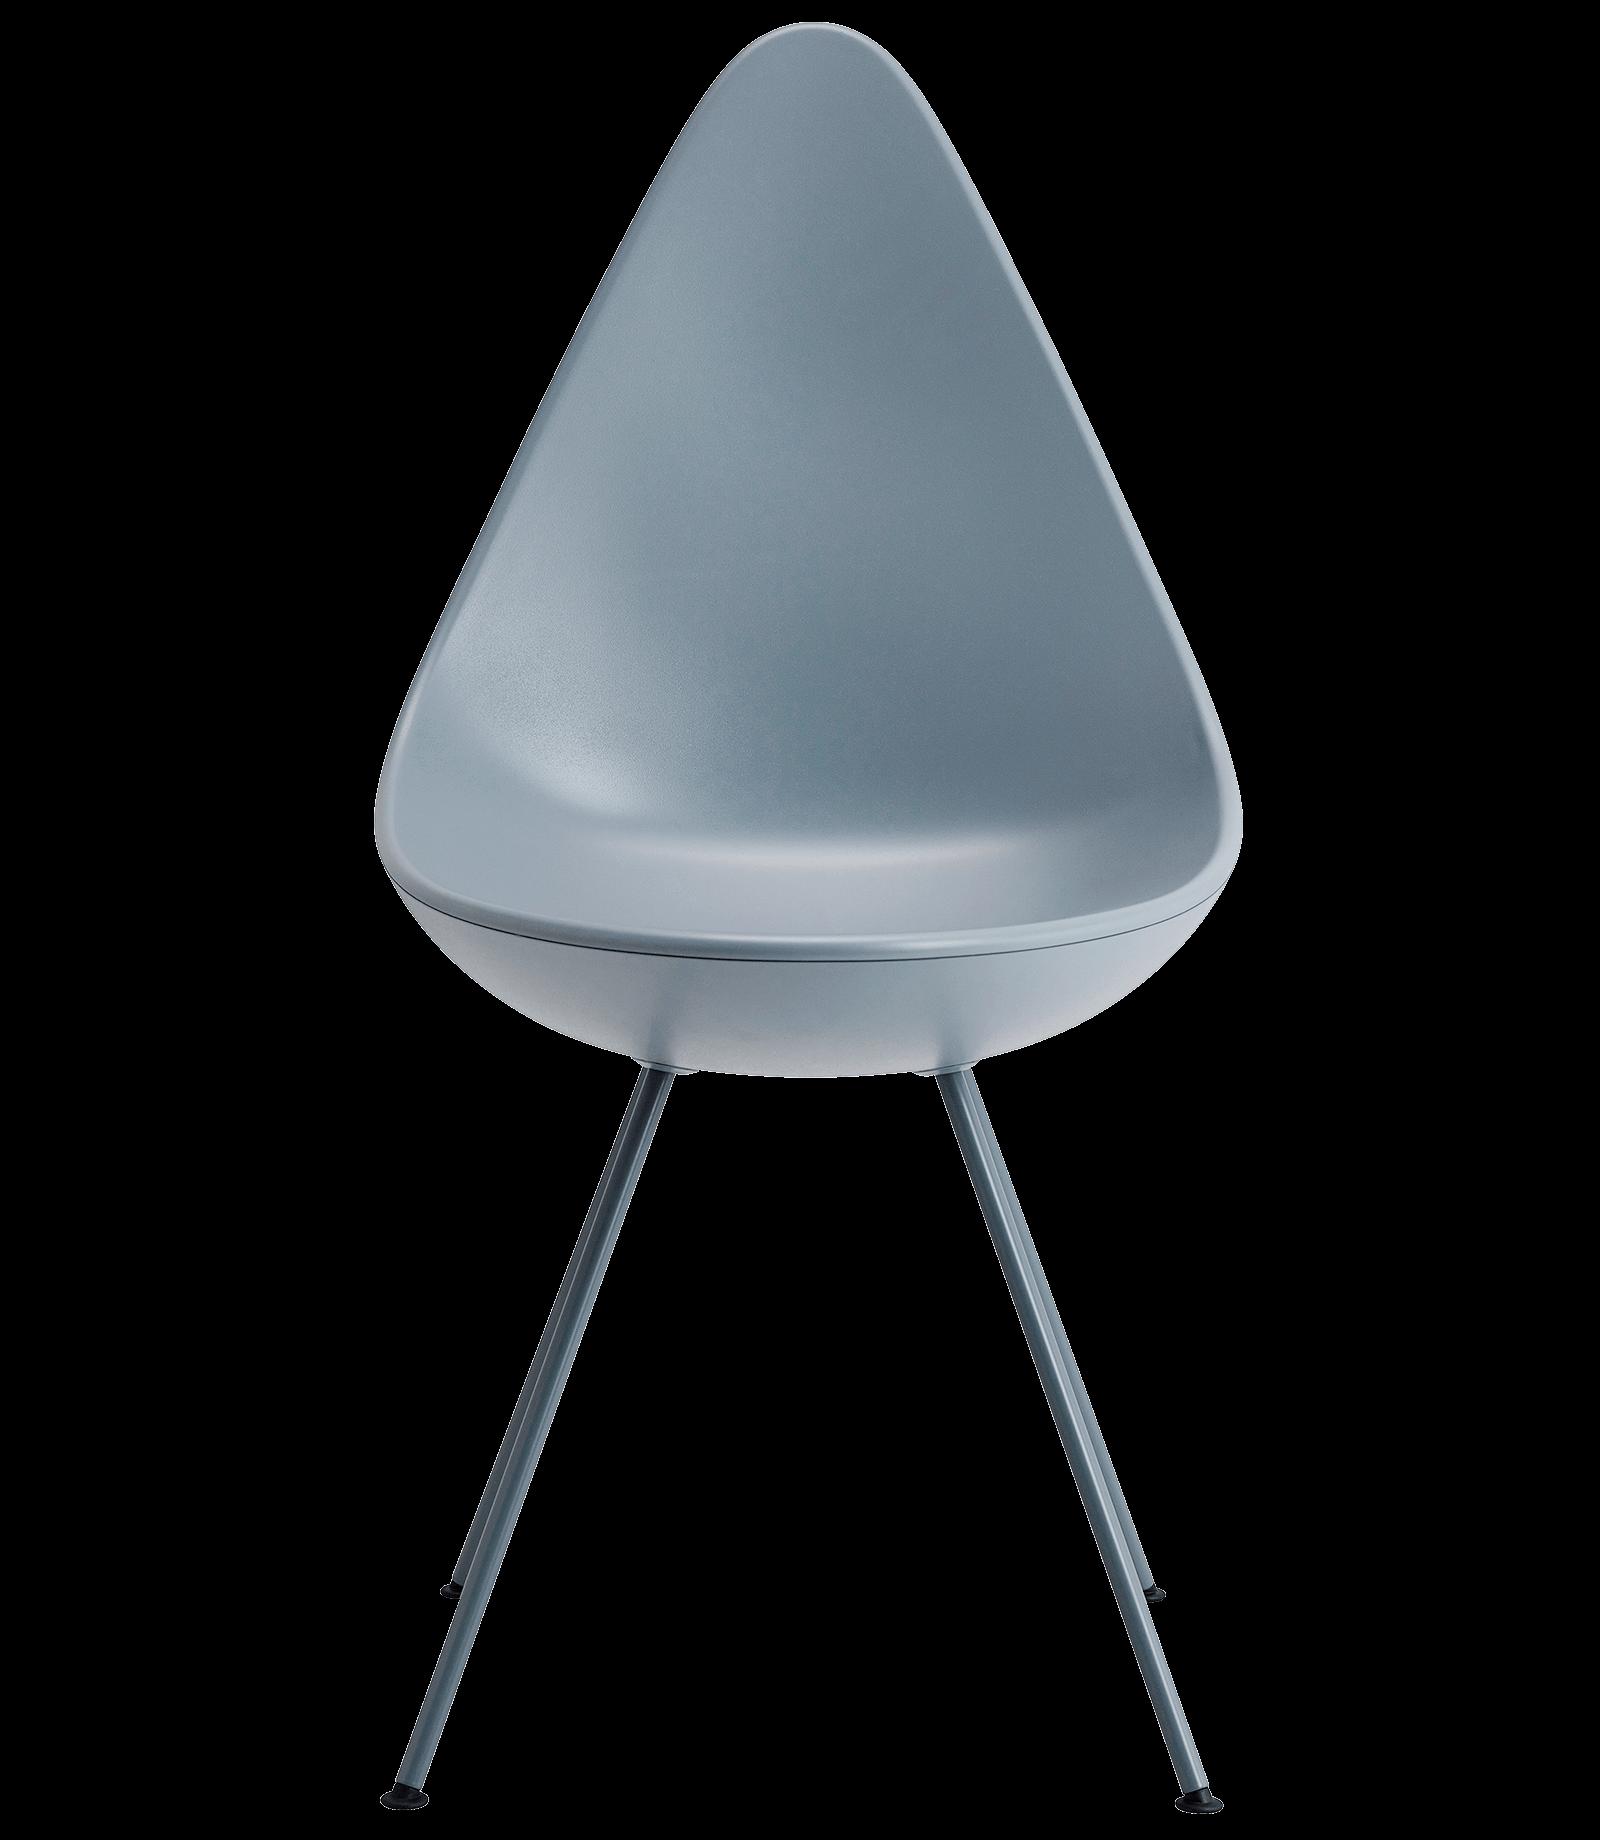 Jacobsen Stuhl der drop stuhl arne jacobsen blue kunststoff